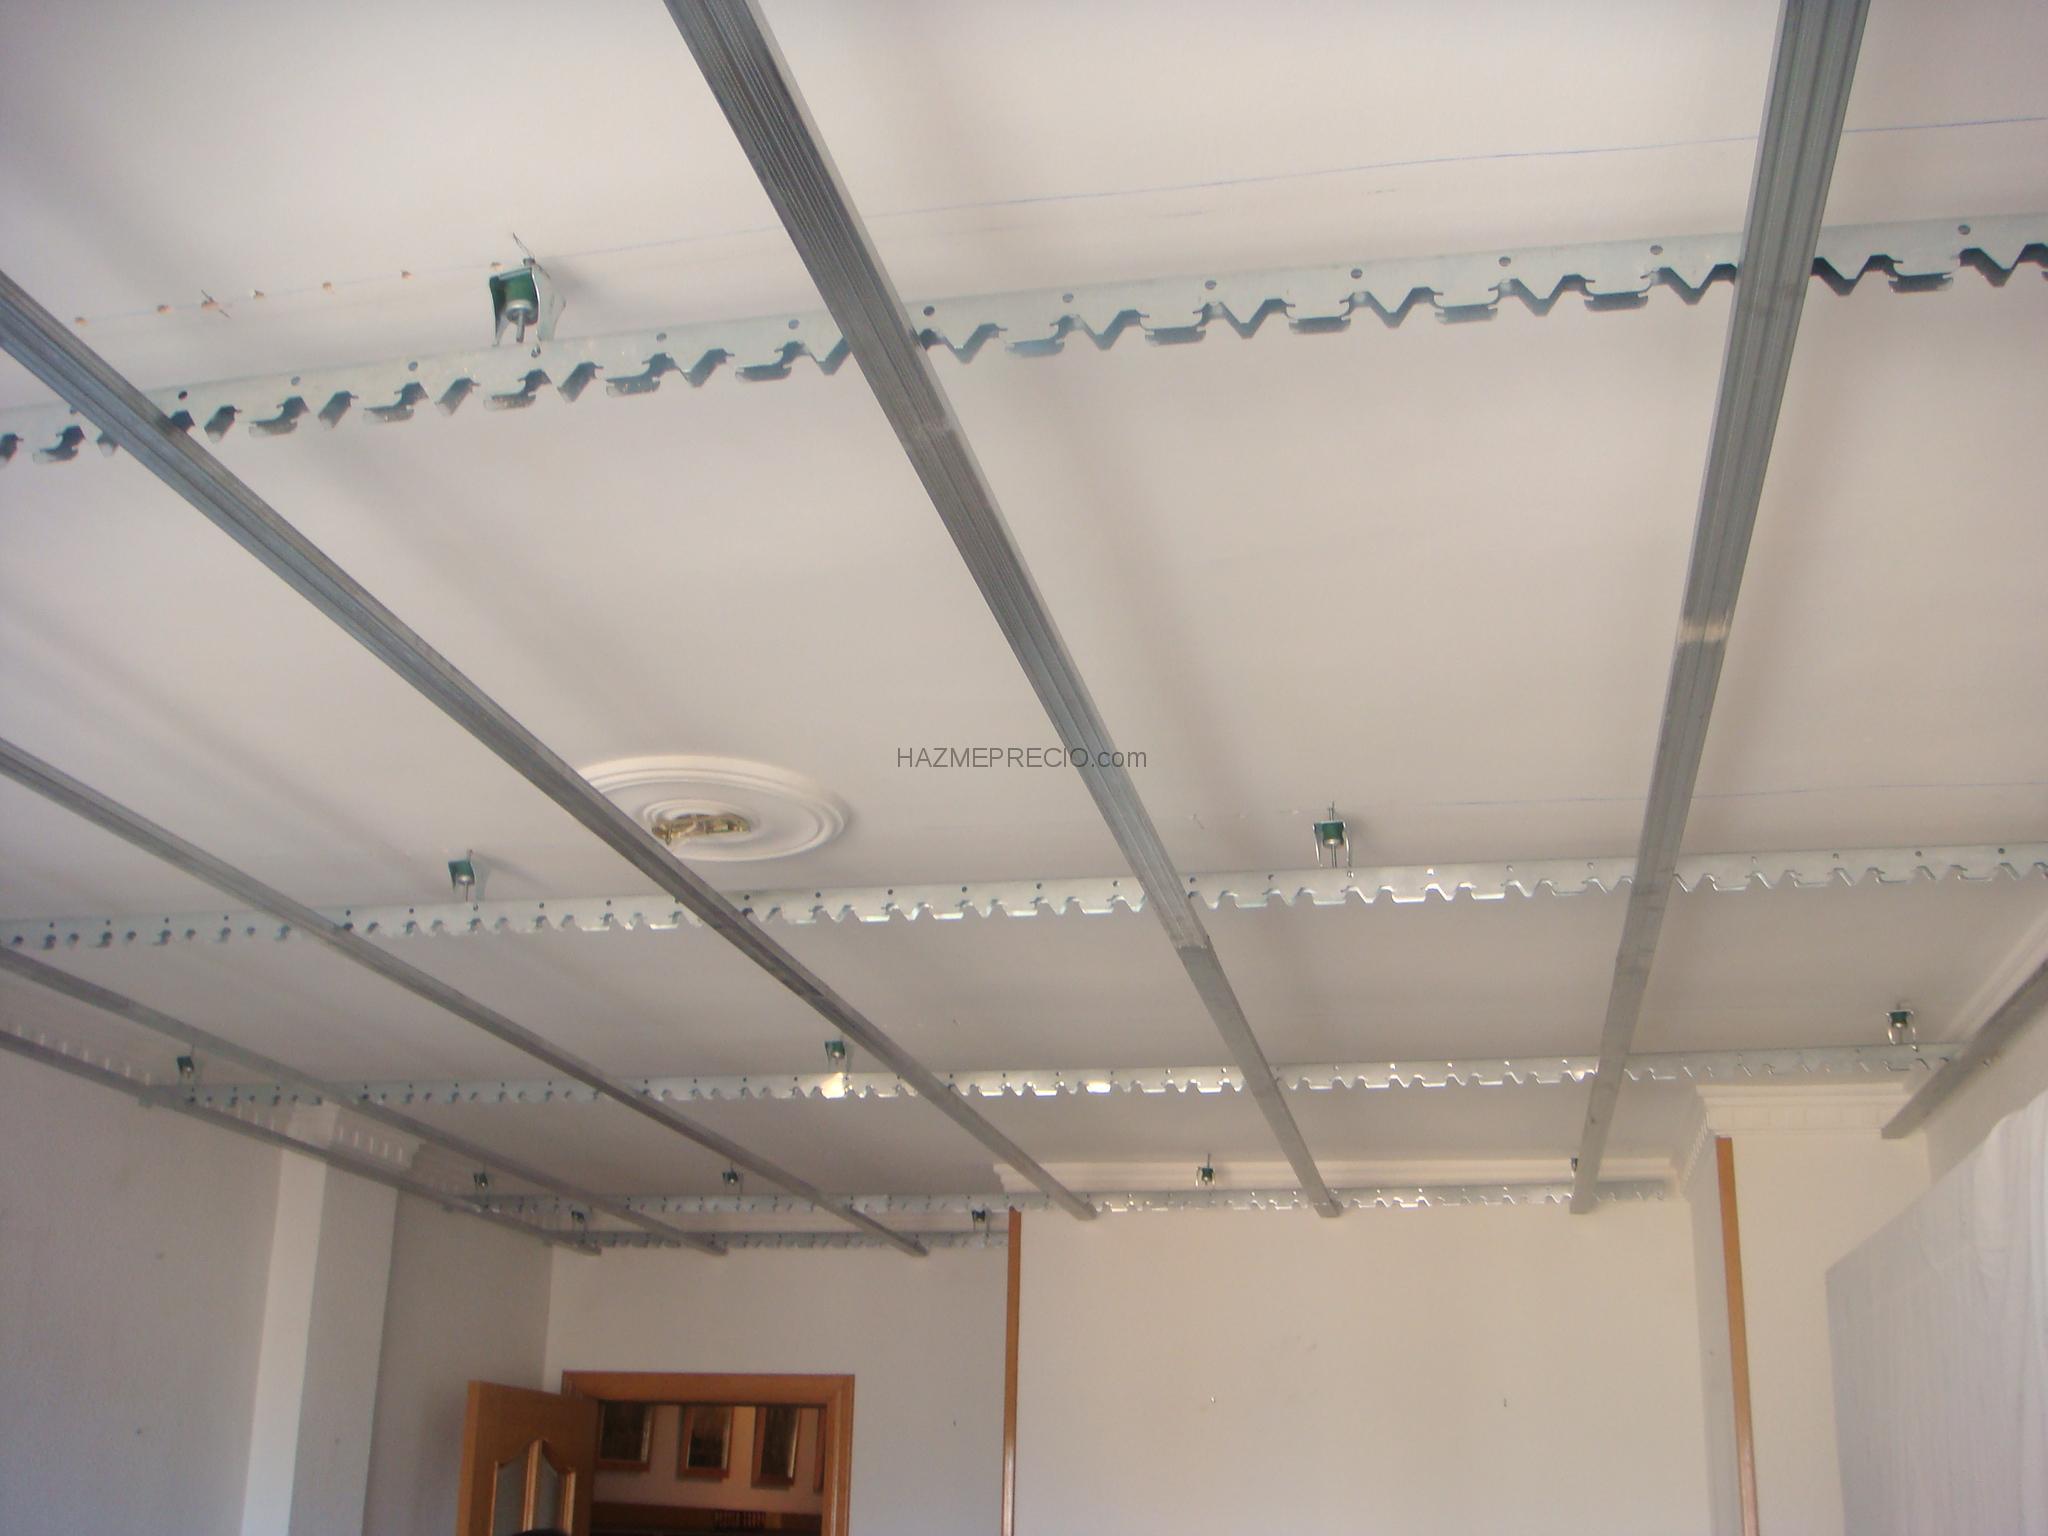 Servimaxum 29640 benalm dena malaga - Aislamiento para techos ...